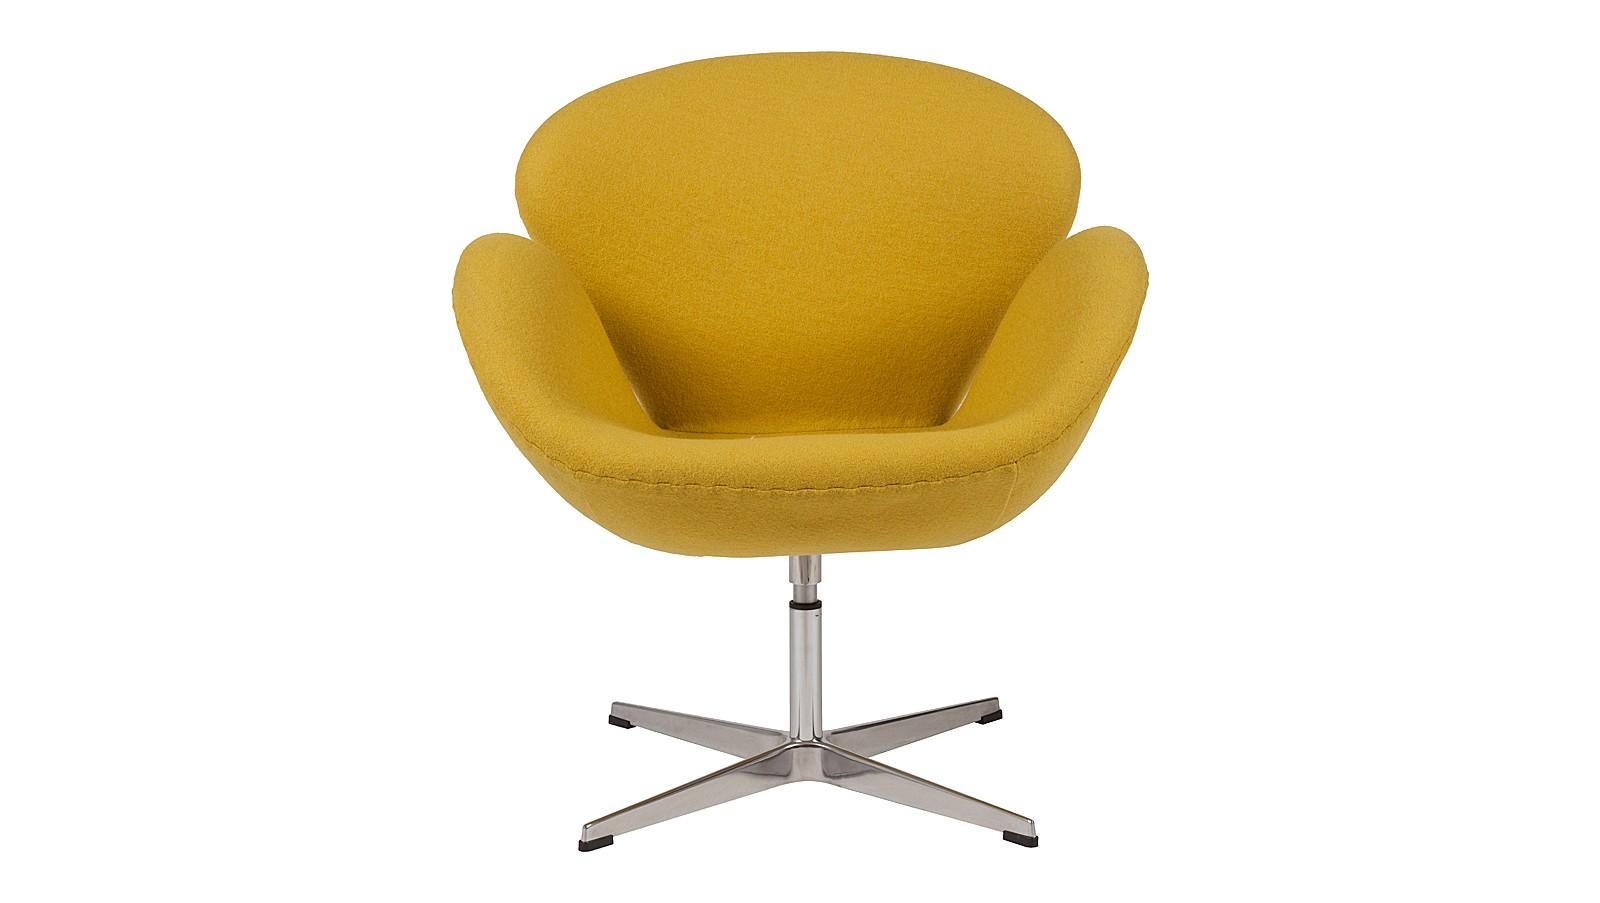 Кресло Swan ChairИнтерьерные кресла<br>Яркое желтое кресло &amp;amp;nbsp;&amp;quot;Swan Chair&amp;quot; за свою историю стало иконой стиля. Изначально оно было разработано для общественного интерьера, но быстро завоевав симпатии ценителей креативной мебели, перекочевало в жилые пространства. Приятный лимонный цвет, крутящееся основание и шерстяная обивка — в таком кресле можно незаметно провести весь вечер.<br><br>Material: Шерсть<br>Width см: 70<br>Depth см: 71<br>Height см: 78